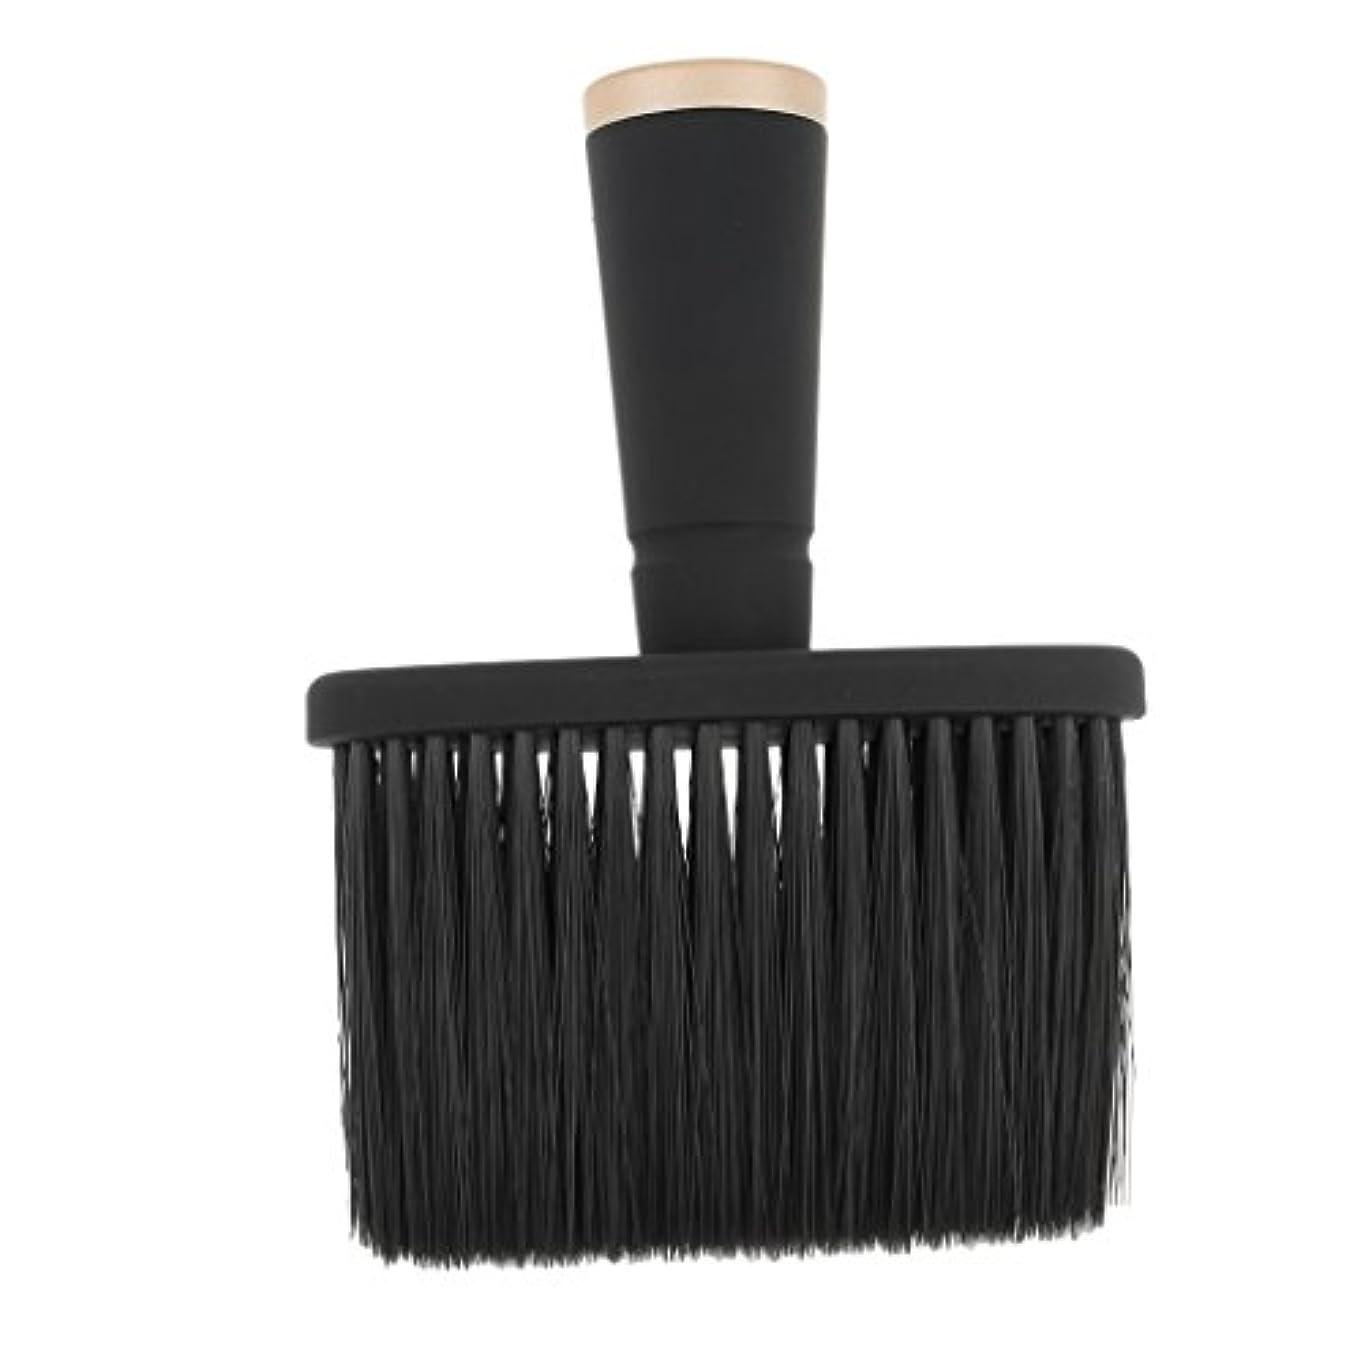 訴える保証金カーテンToygogo プロの理髪師の首のダスターのブラシ、毛の切断のための柔らかいクリーニングの表面ブラシ、携帯用設計 - ゴールド